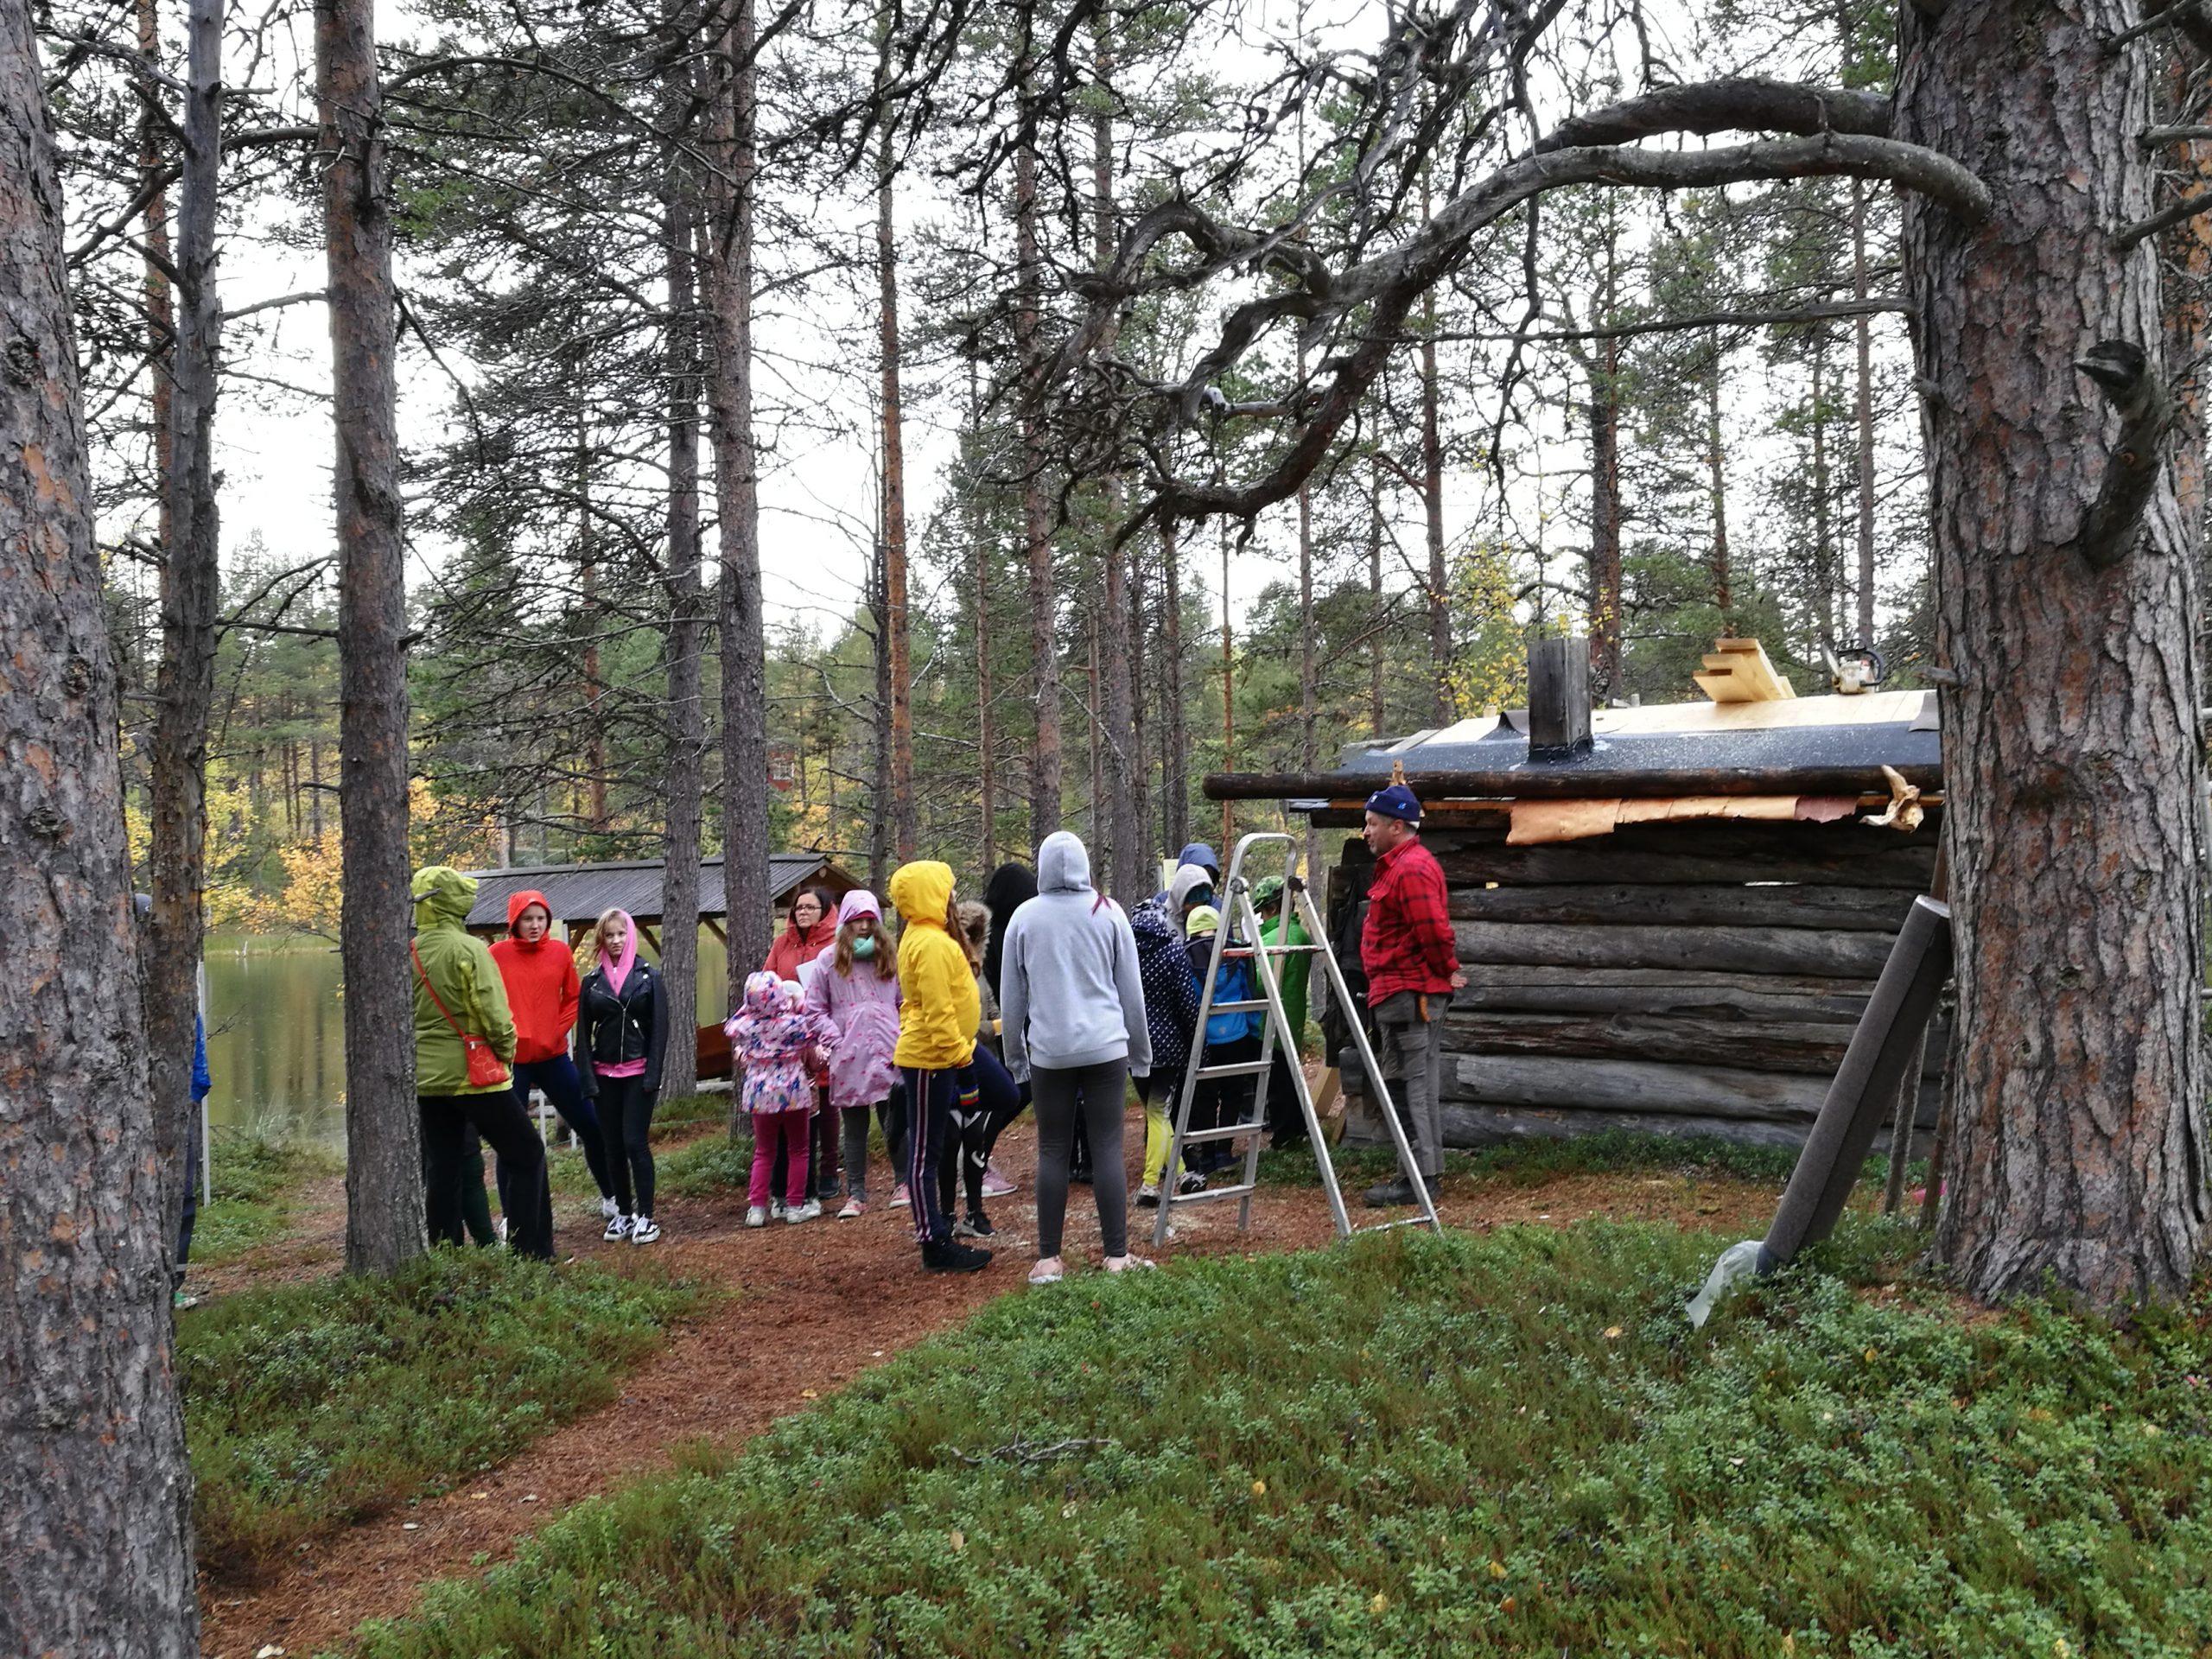 Lapsia tutustumassa turvekaton tekemiseen, metsämaisemassa, keskellä vanha puura.